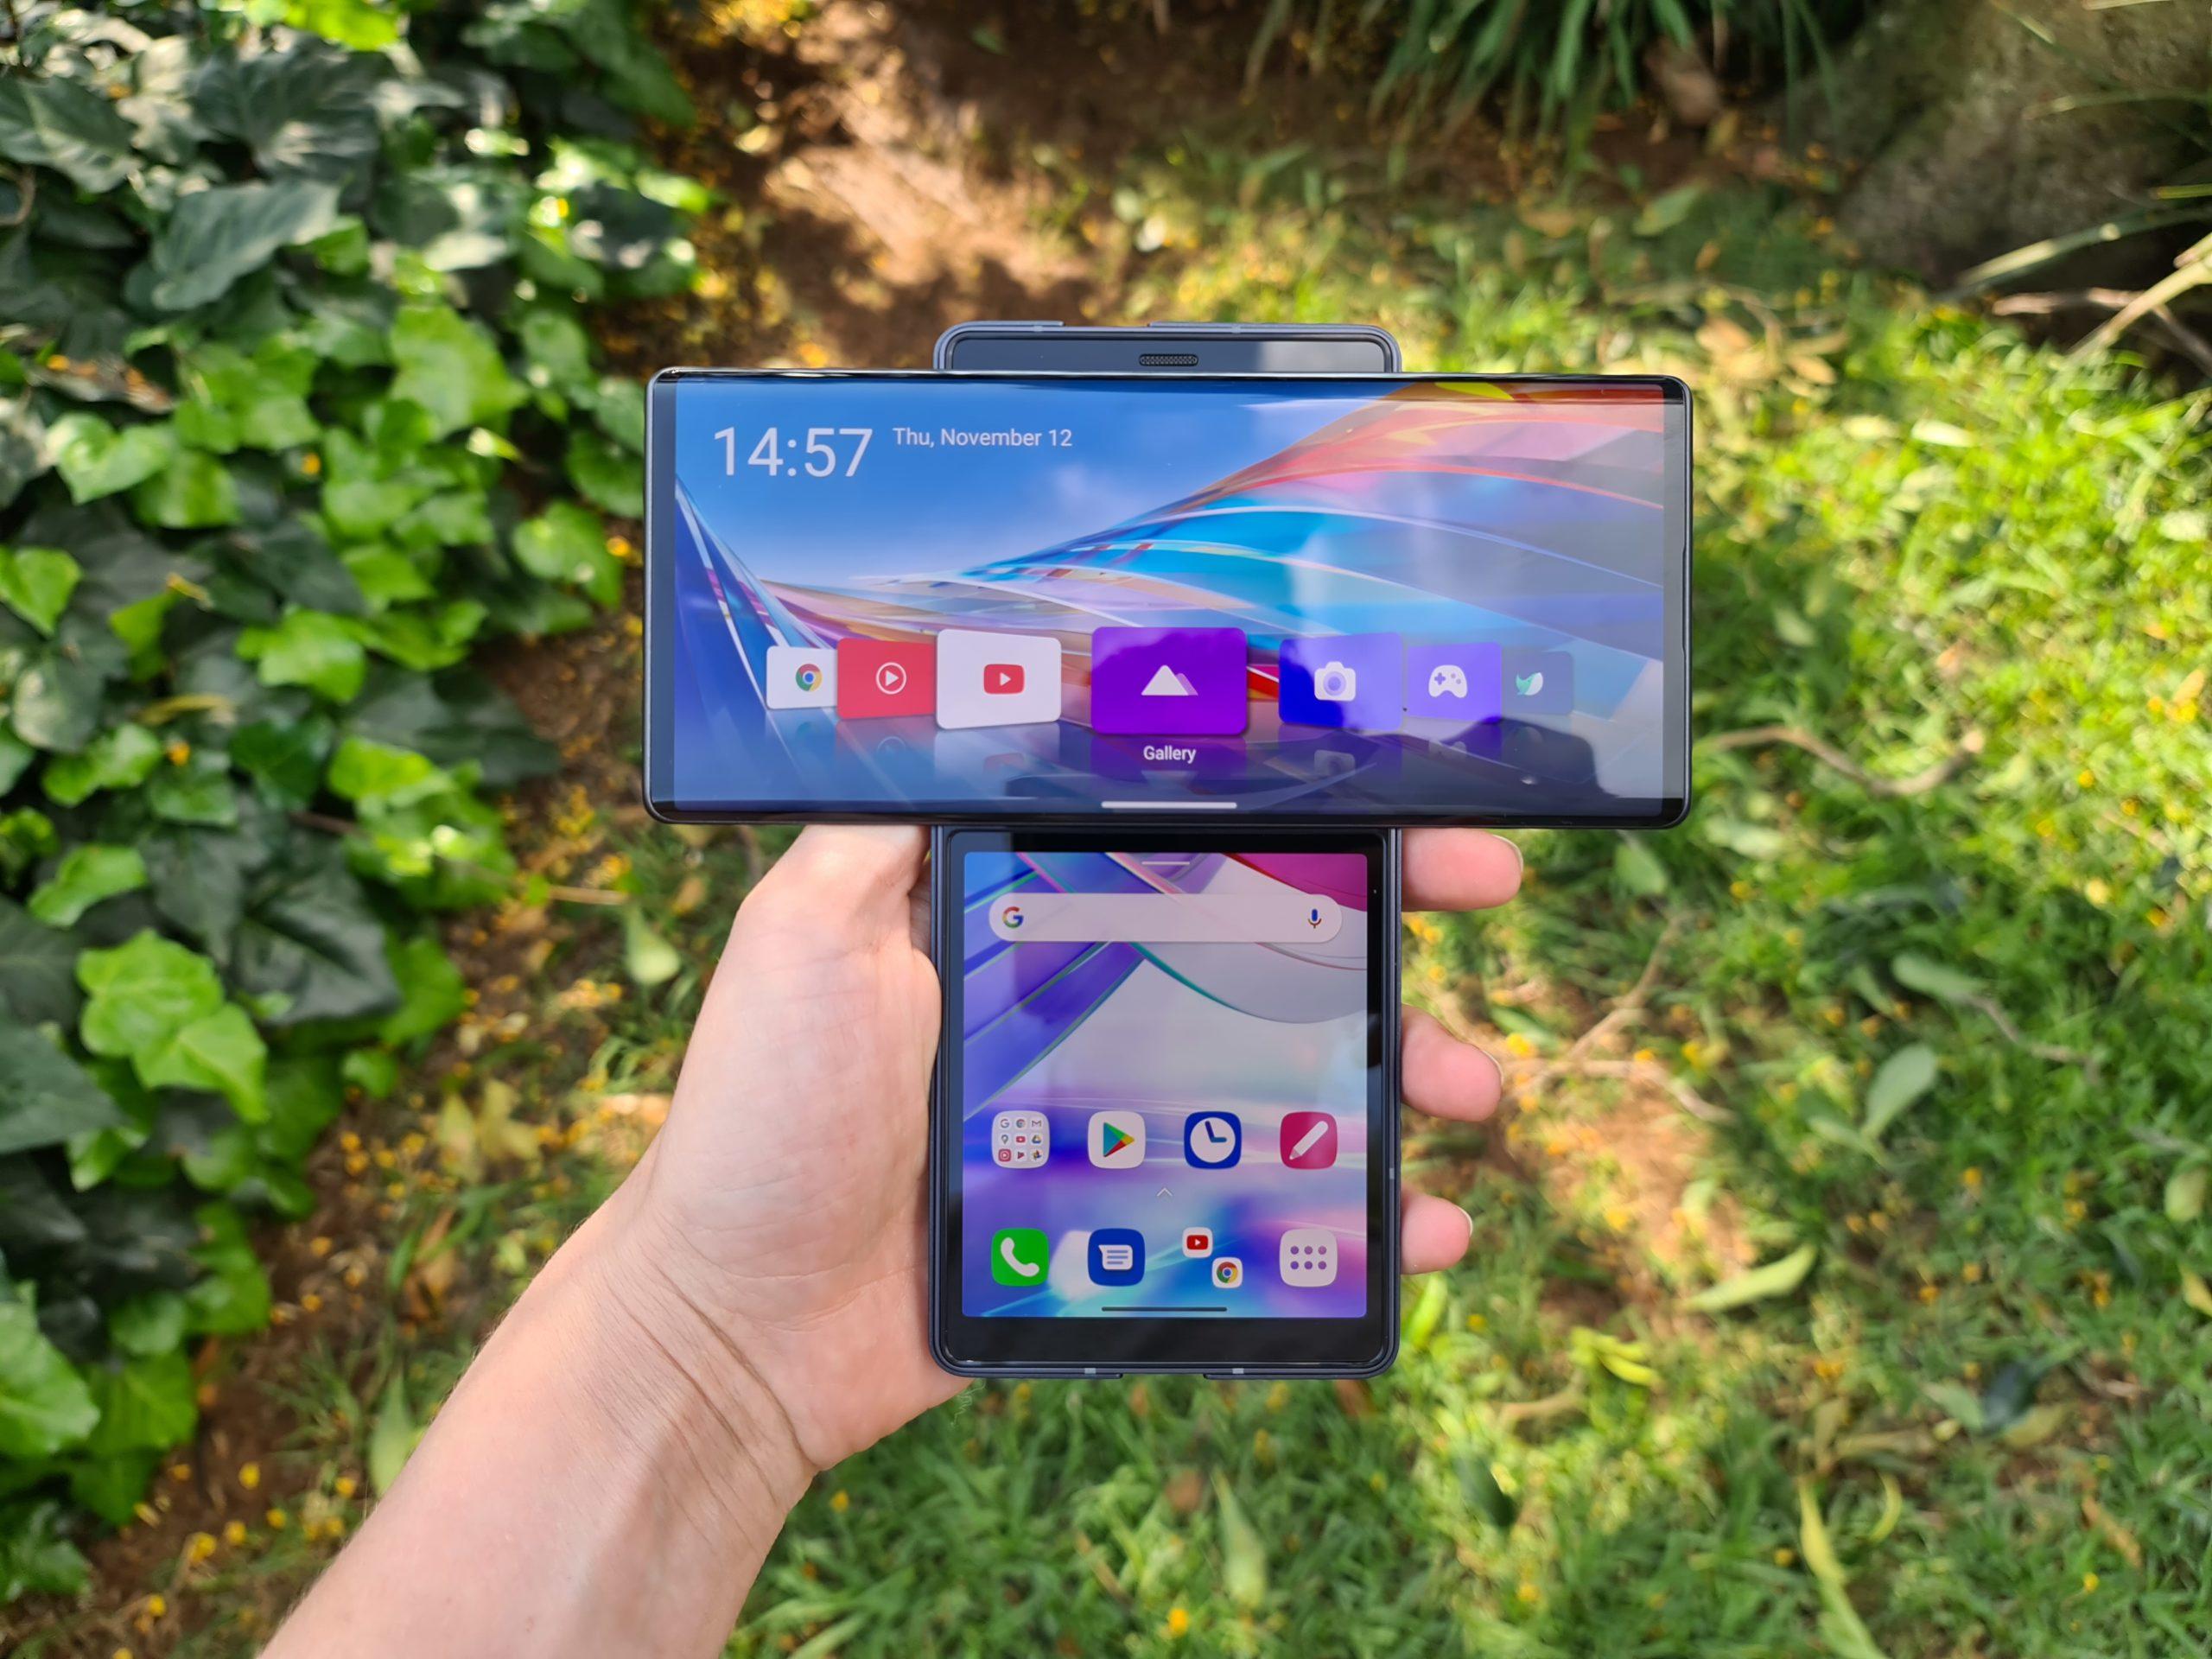 Cập nhật phần mềm LG Android: điều gì xảy ra bây giờ? 2